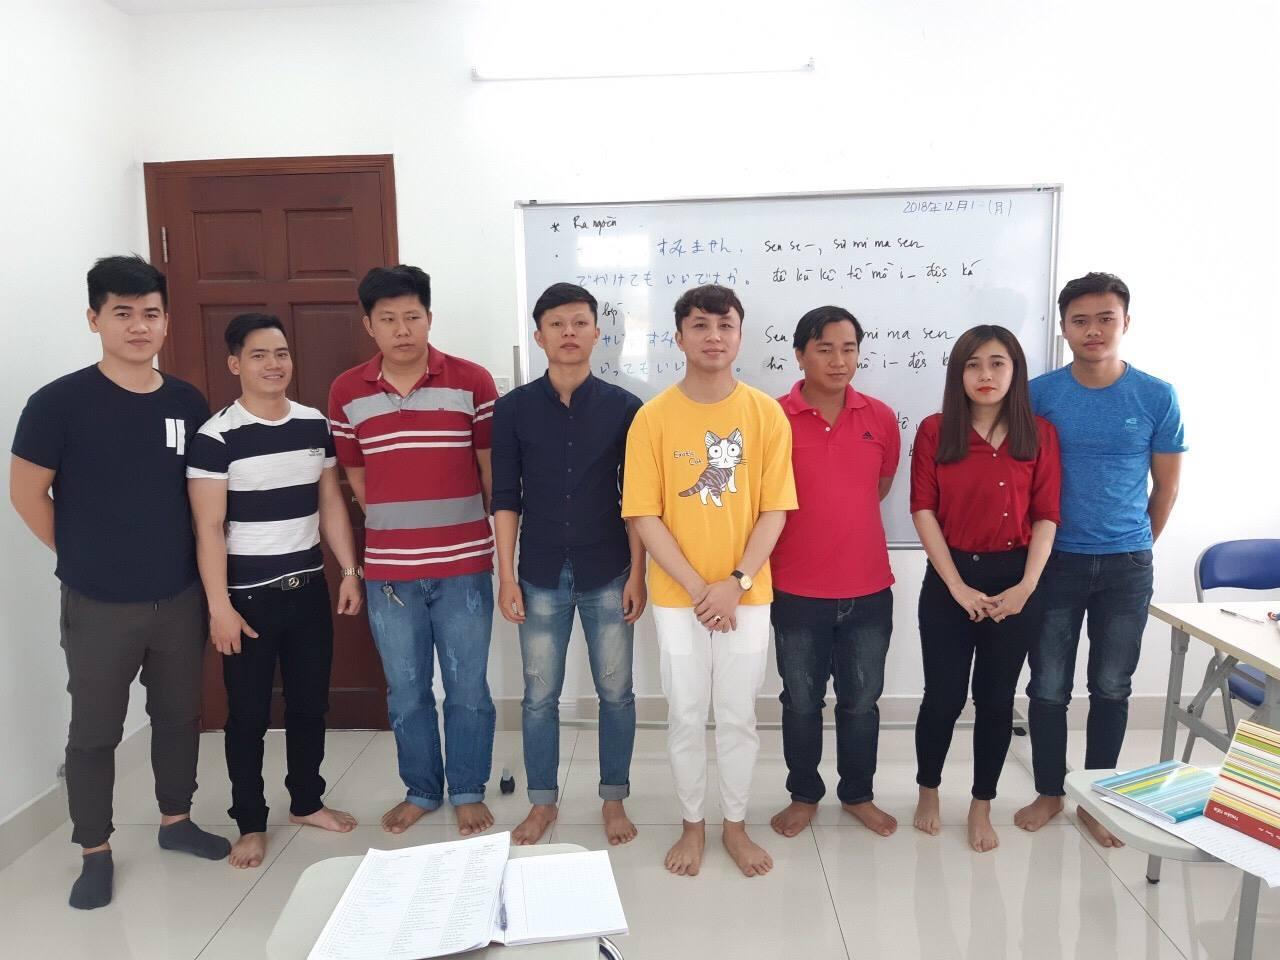 Khai Giảng Khóa Học Tiếng Nhật Kn03n5 Ngày 14012019 Tại đà Nẵng